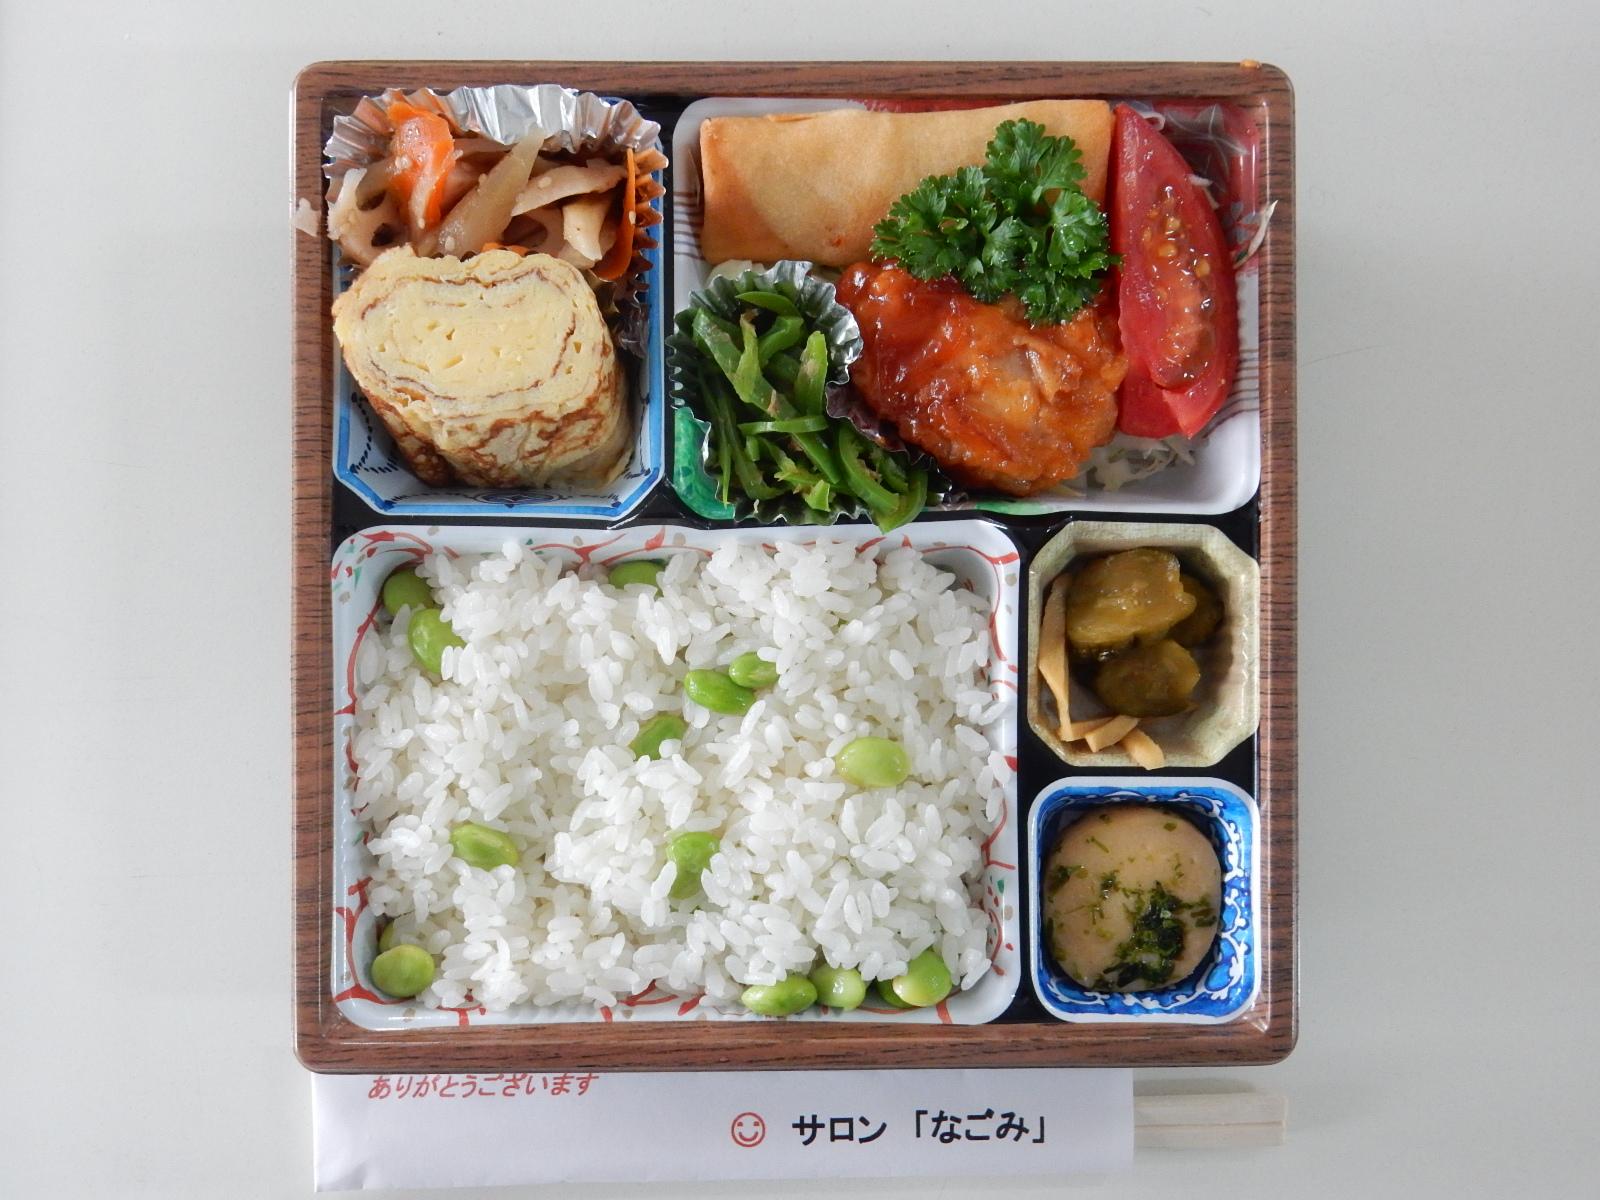 「サロンなごみ」本日の日替わり特別メニュー!(8/18)